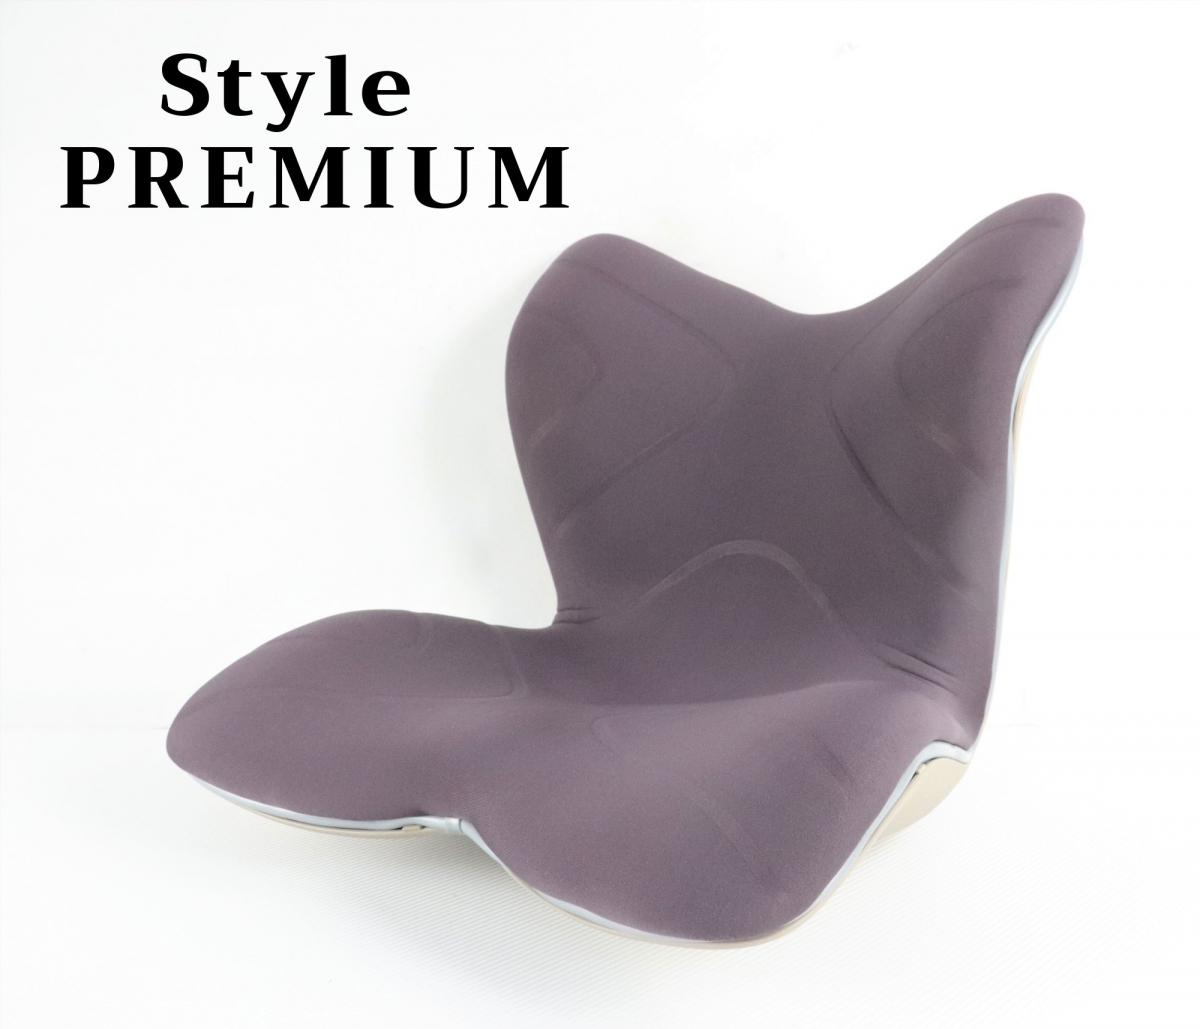 【美品】 MTG Style PREMIUM スタイルプレミアム 骨盤サポートチェア 座椅子 チェア FPJK06